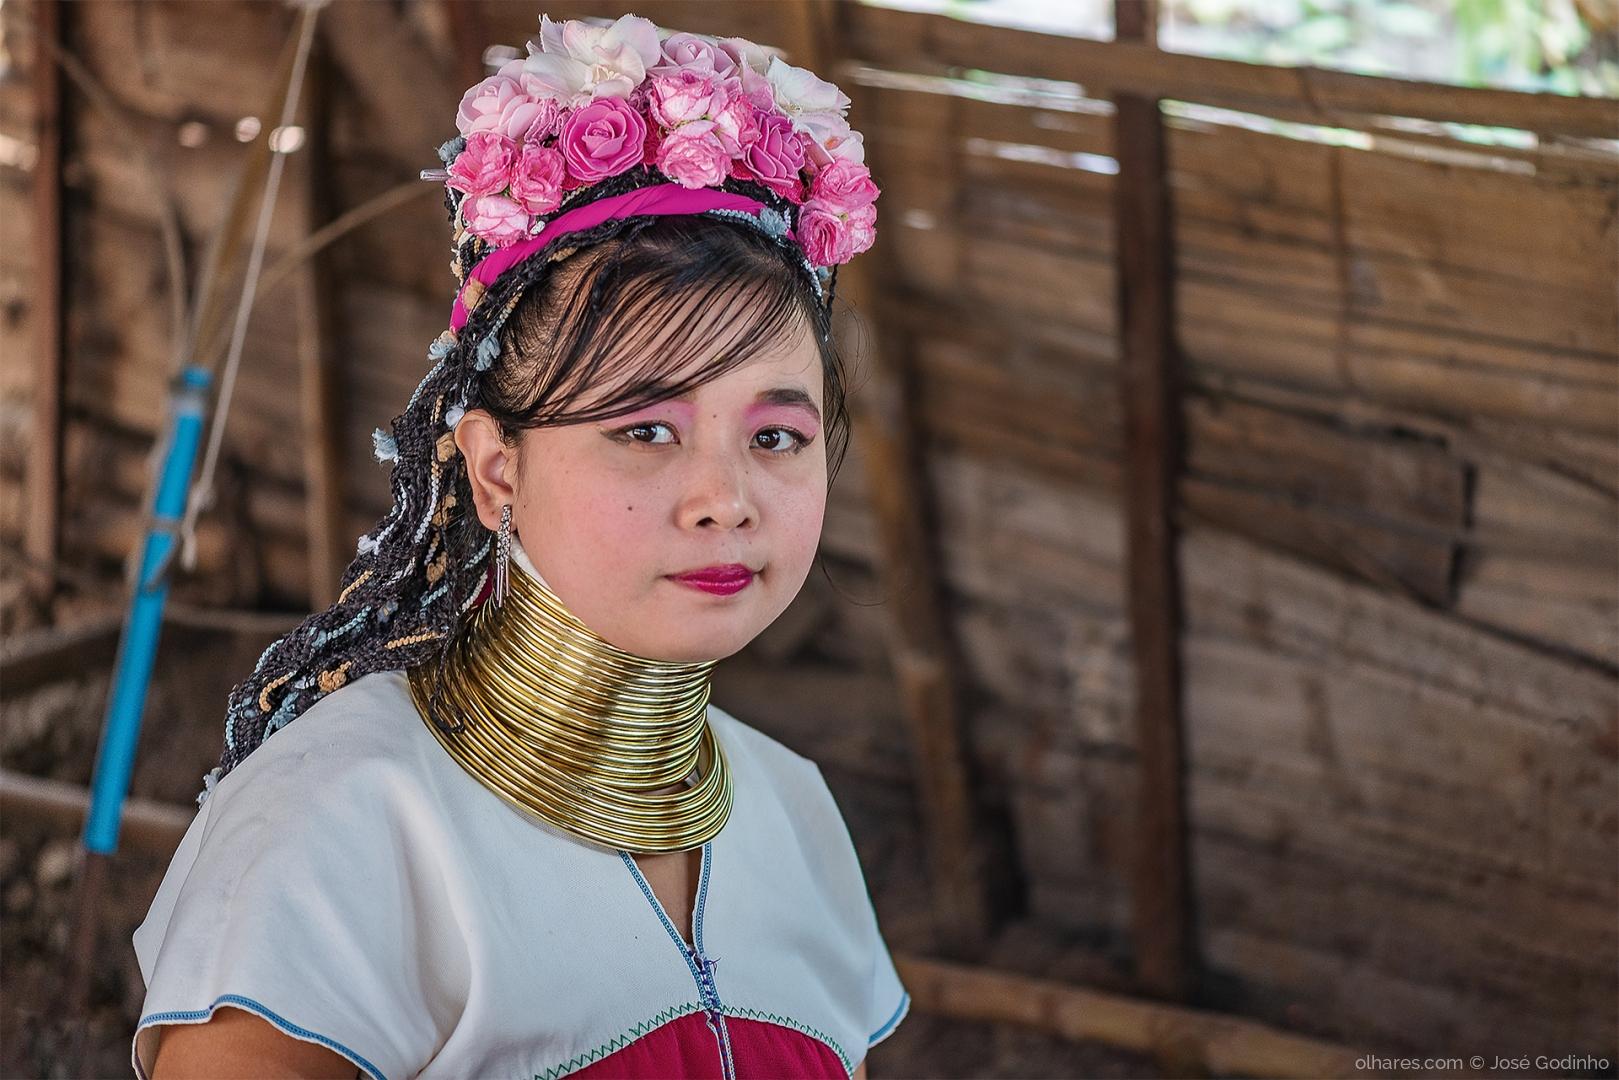 Retratos/Gentes no Mundo 25